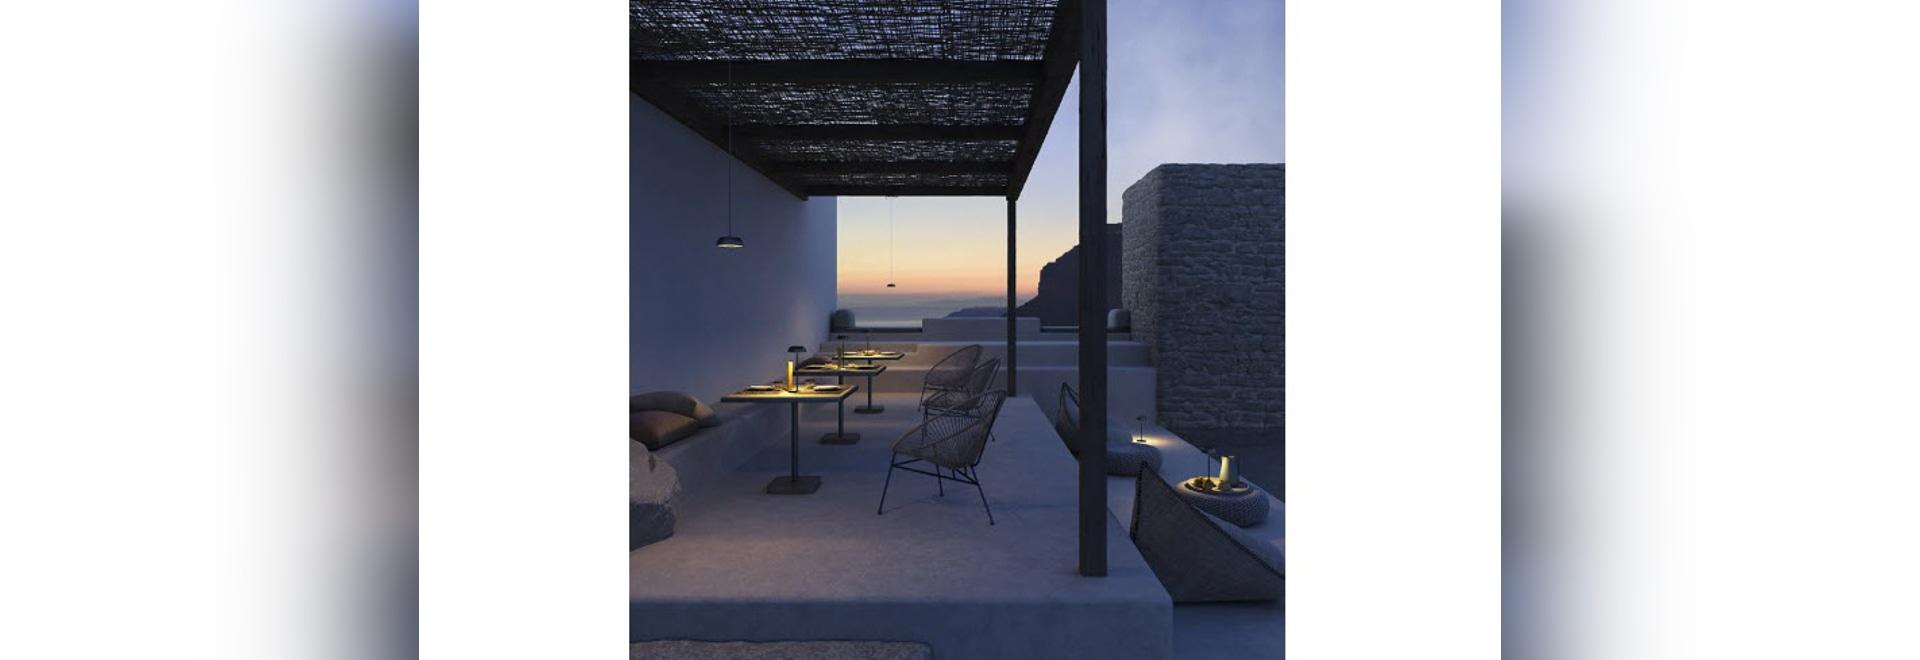 La lámpara flotante portátil Axolight se adapta como luz de pared, piso, mesa y techo